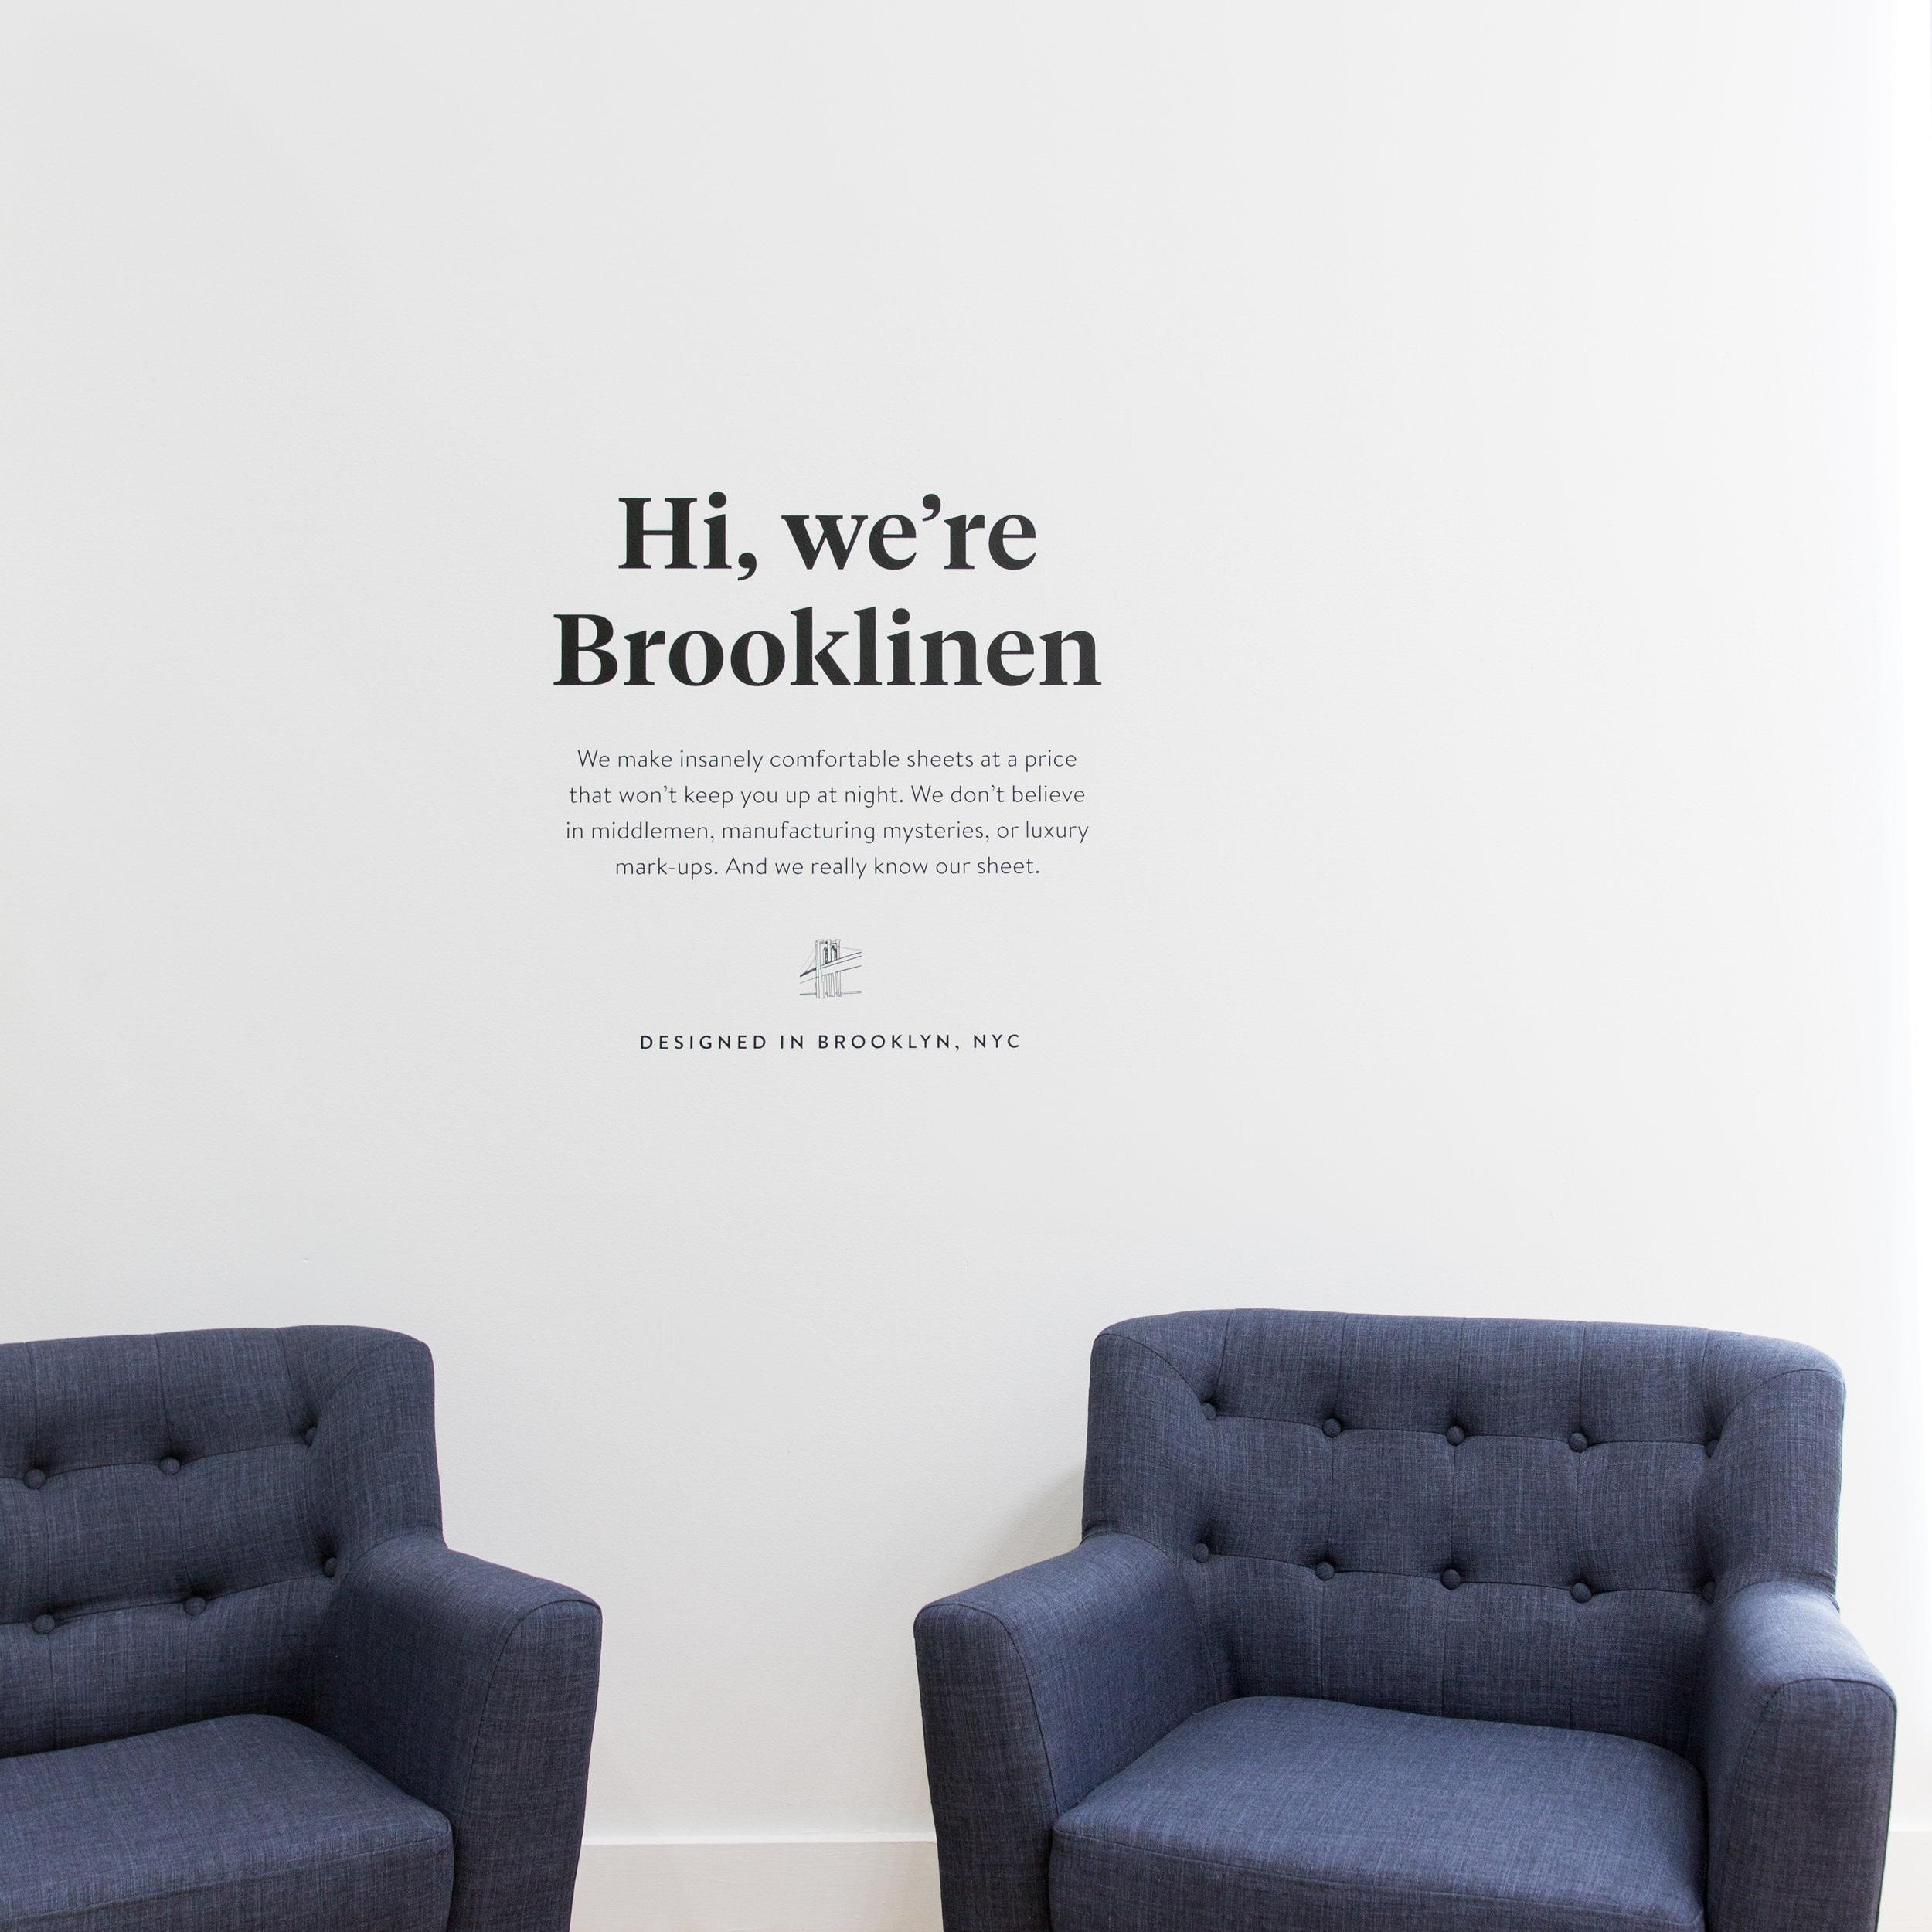 Brooklinen_01.jpg